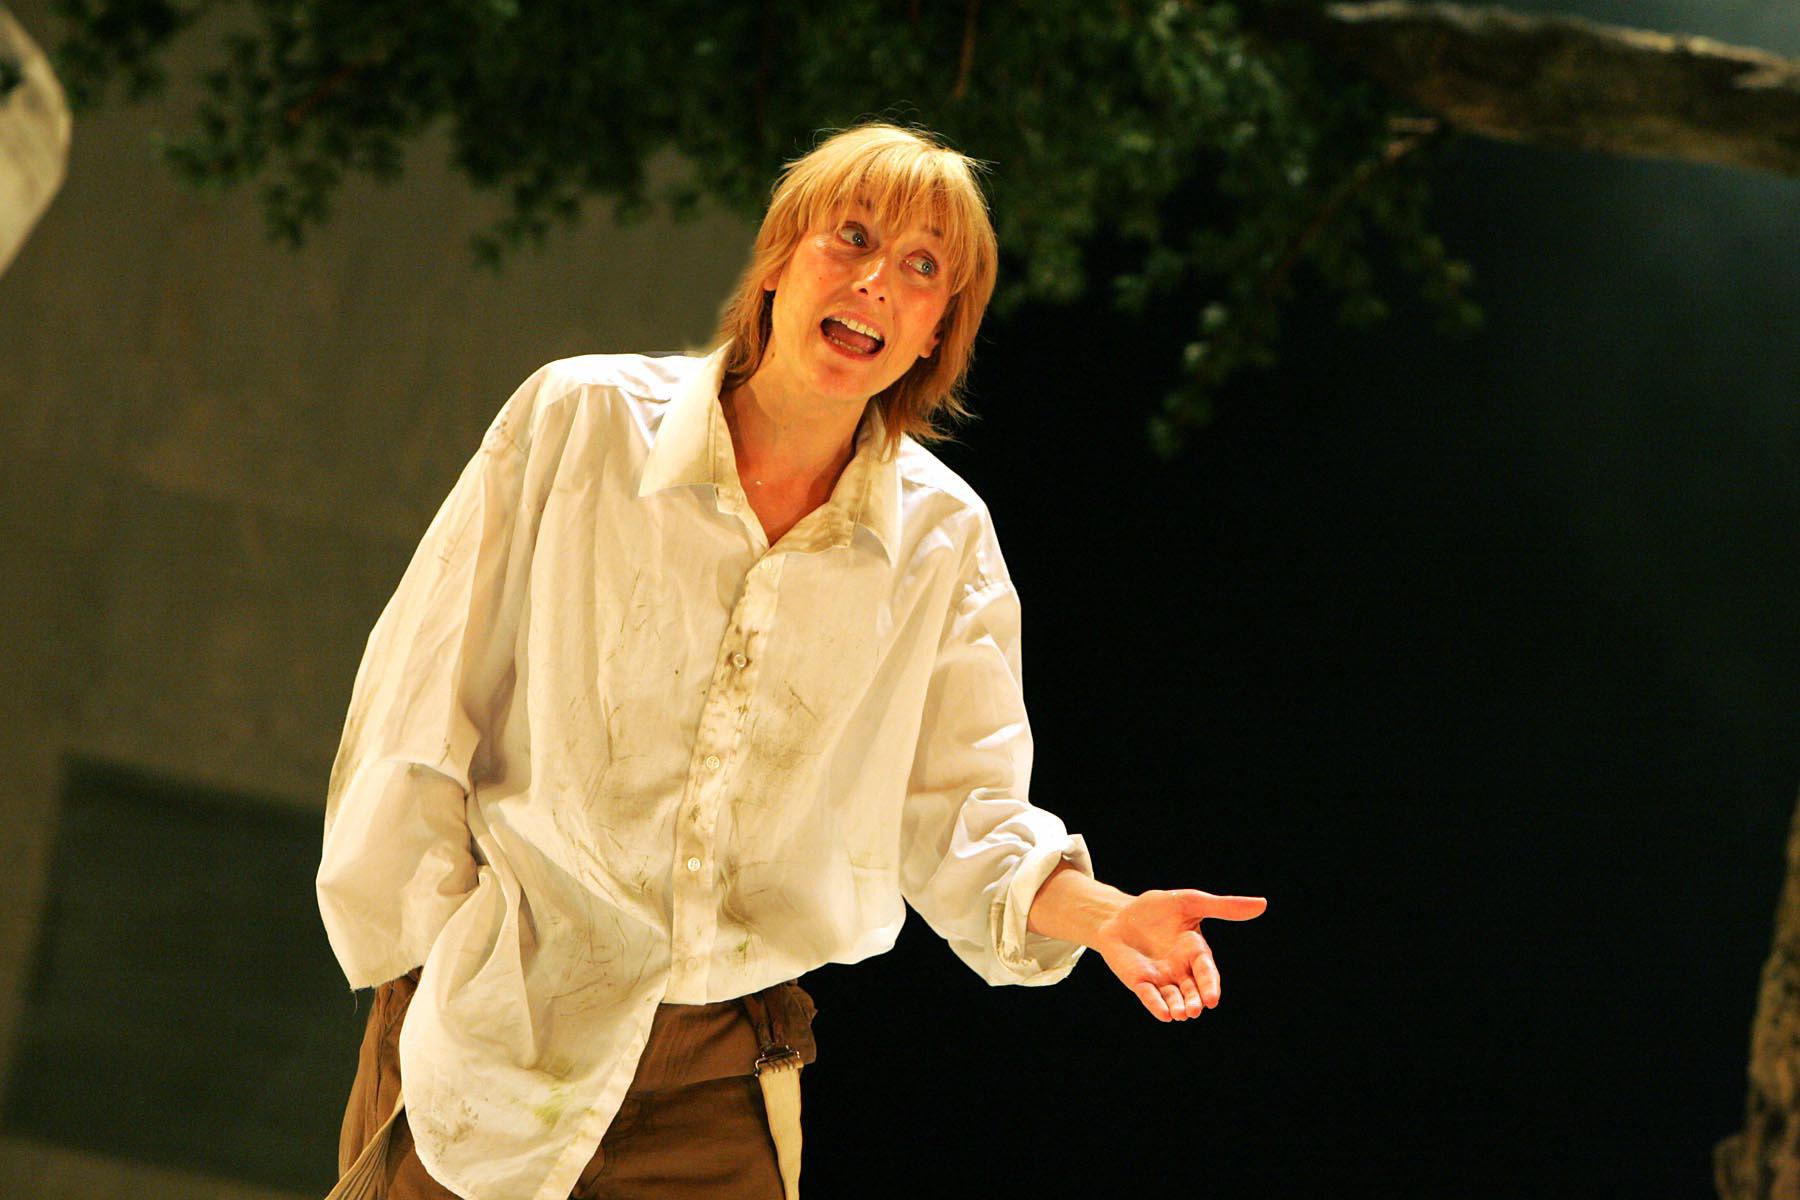 Rosalind as Ganymede.